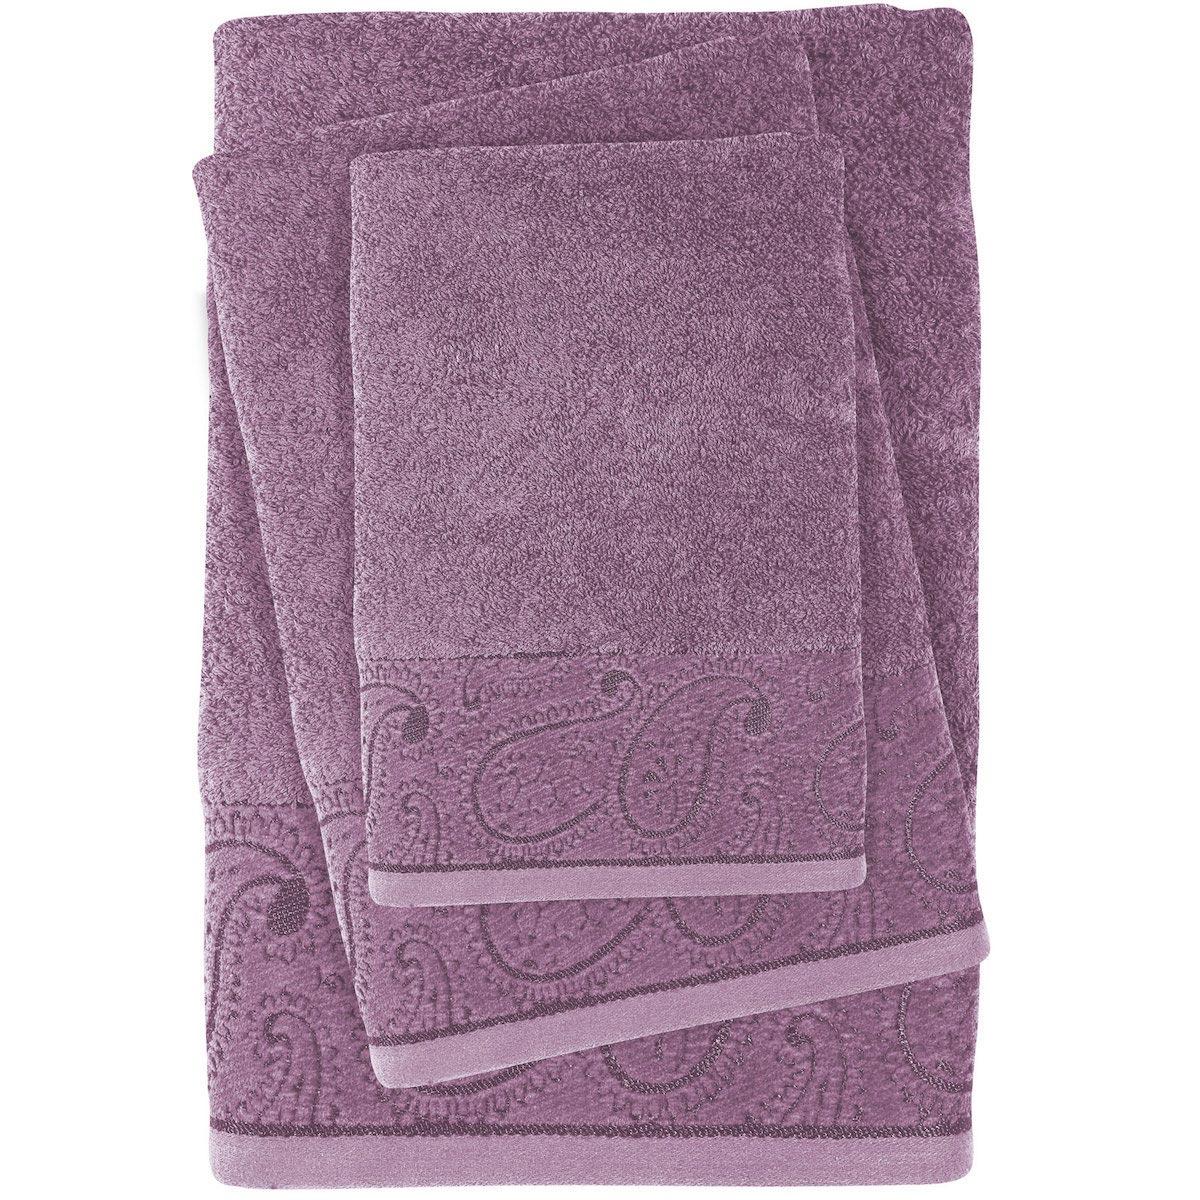 Πετσέτες Μπάνιου (Σετ 3τμχ) Das Home Daily Line 0437 Purple